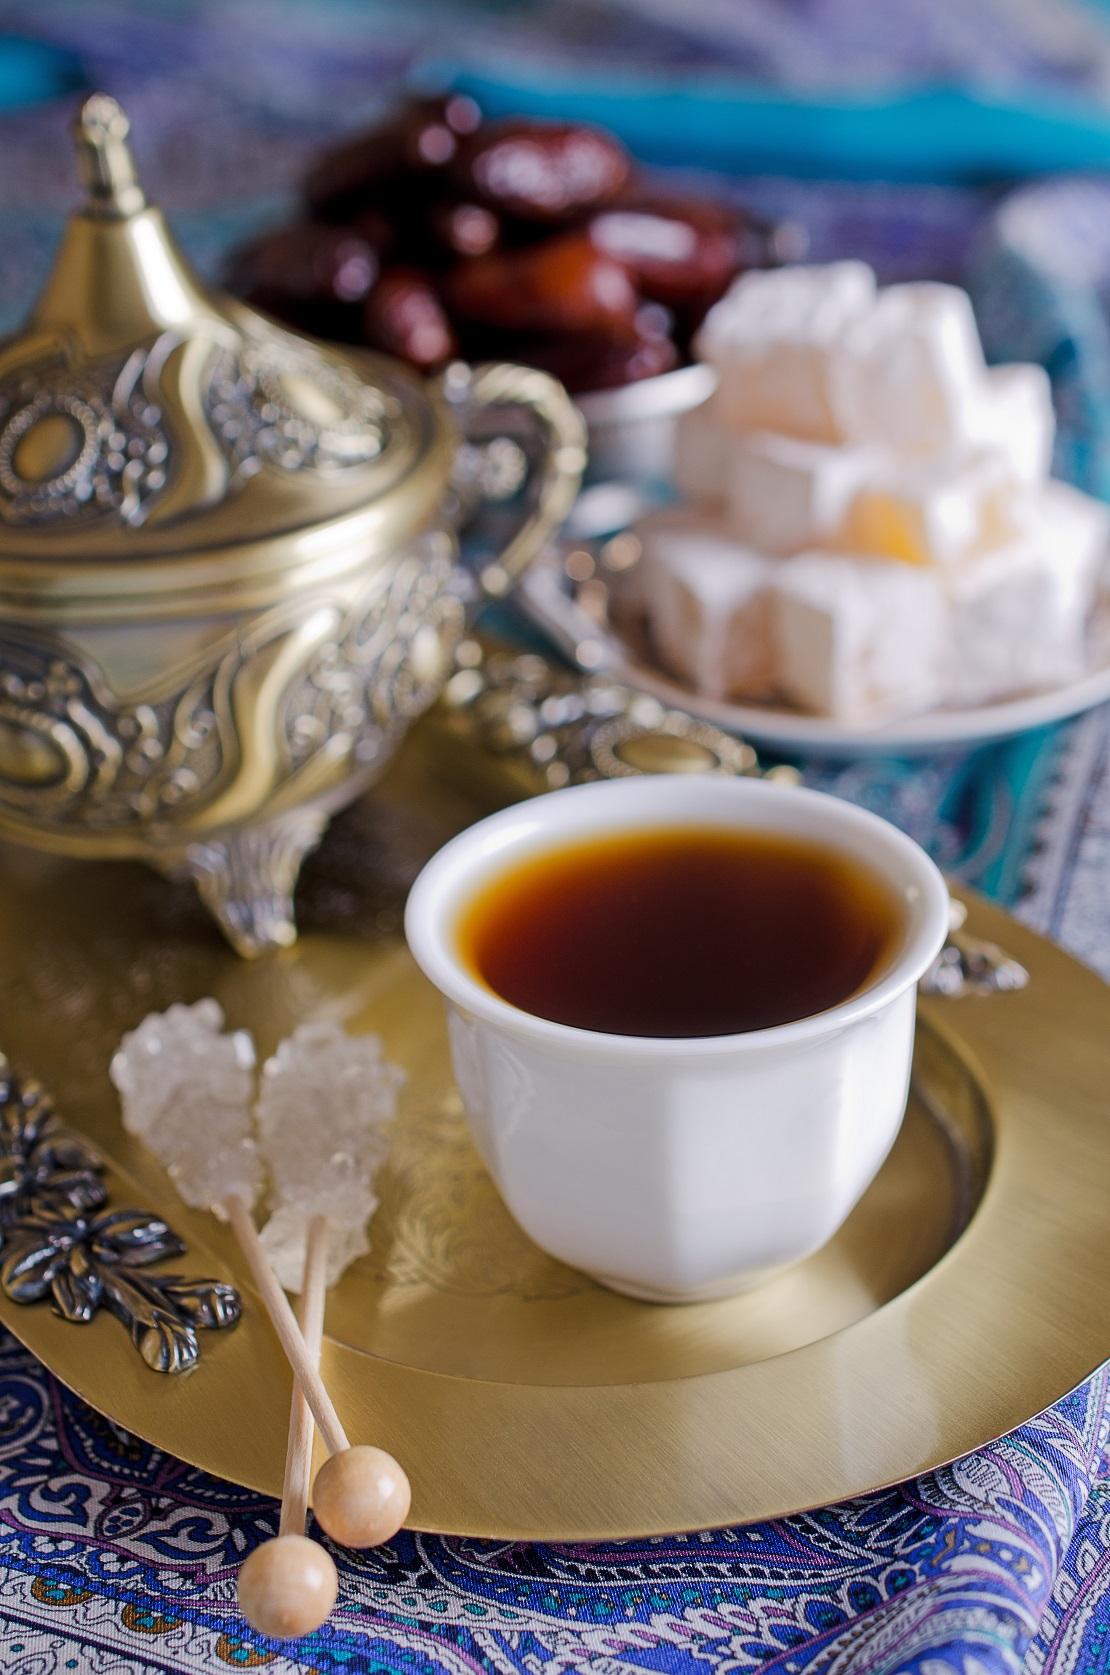 westwing-herbata-w-marokanskim-stylu-1